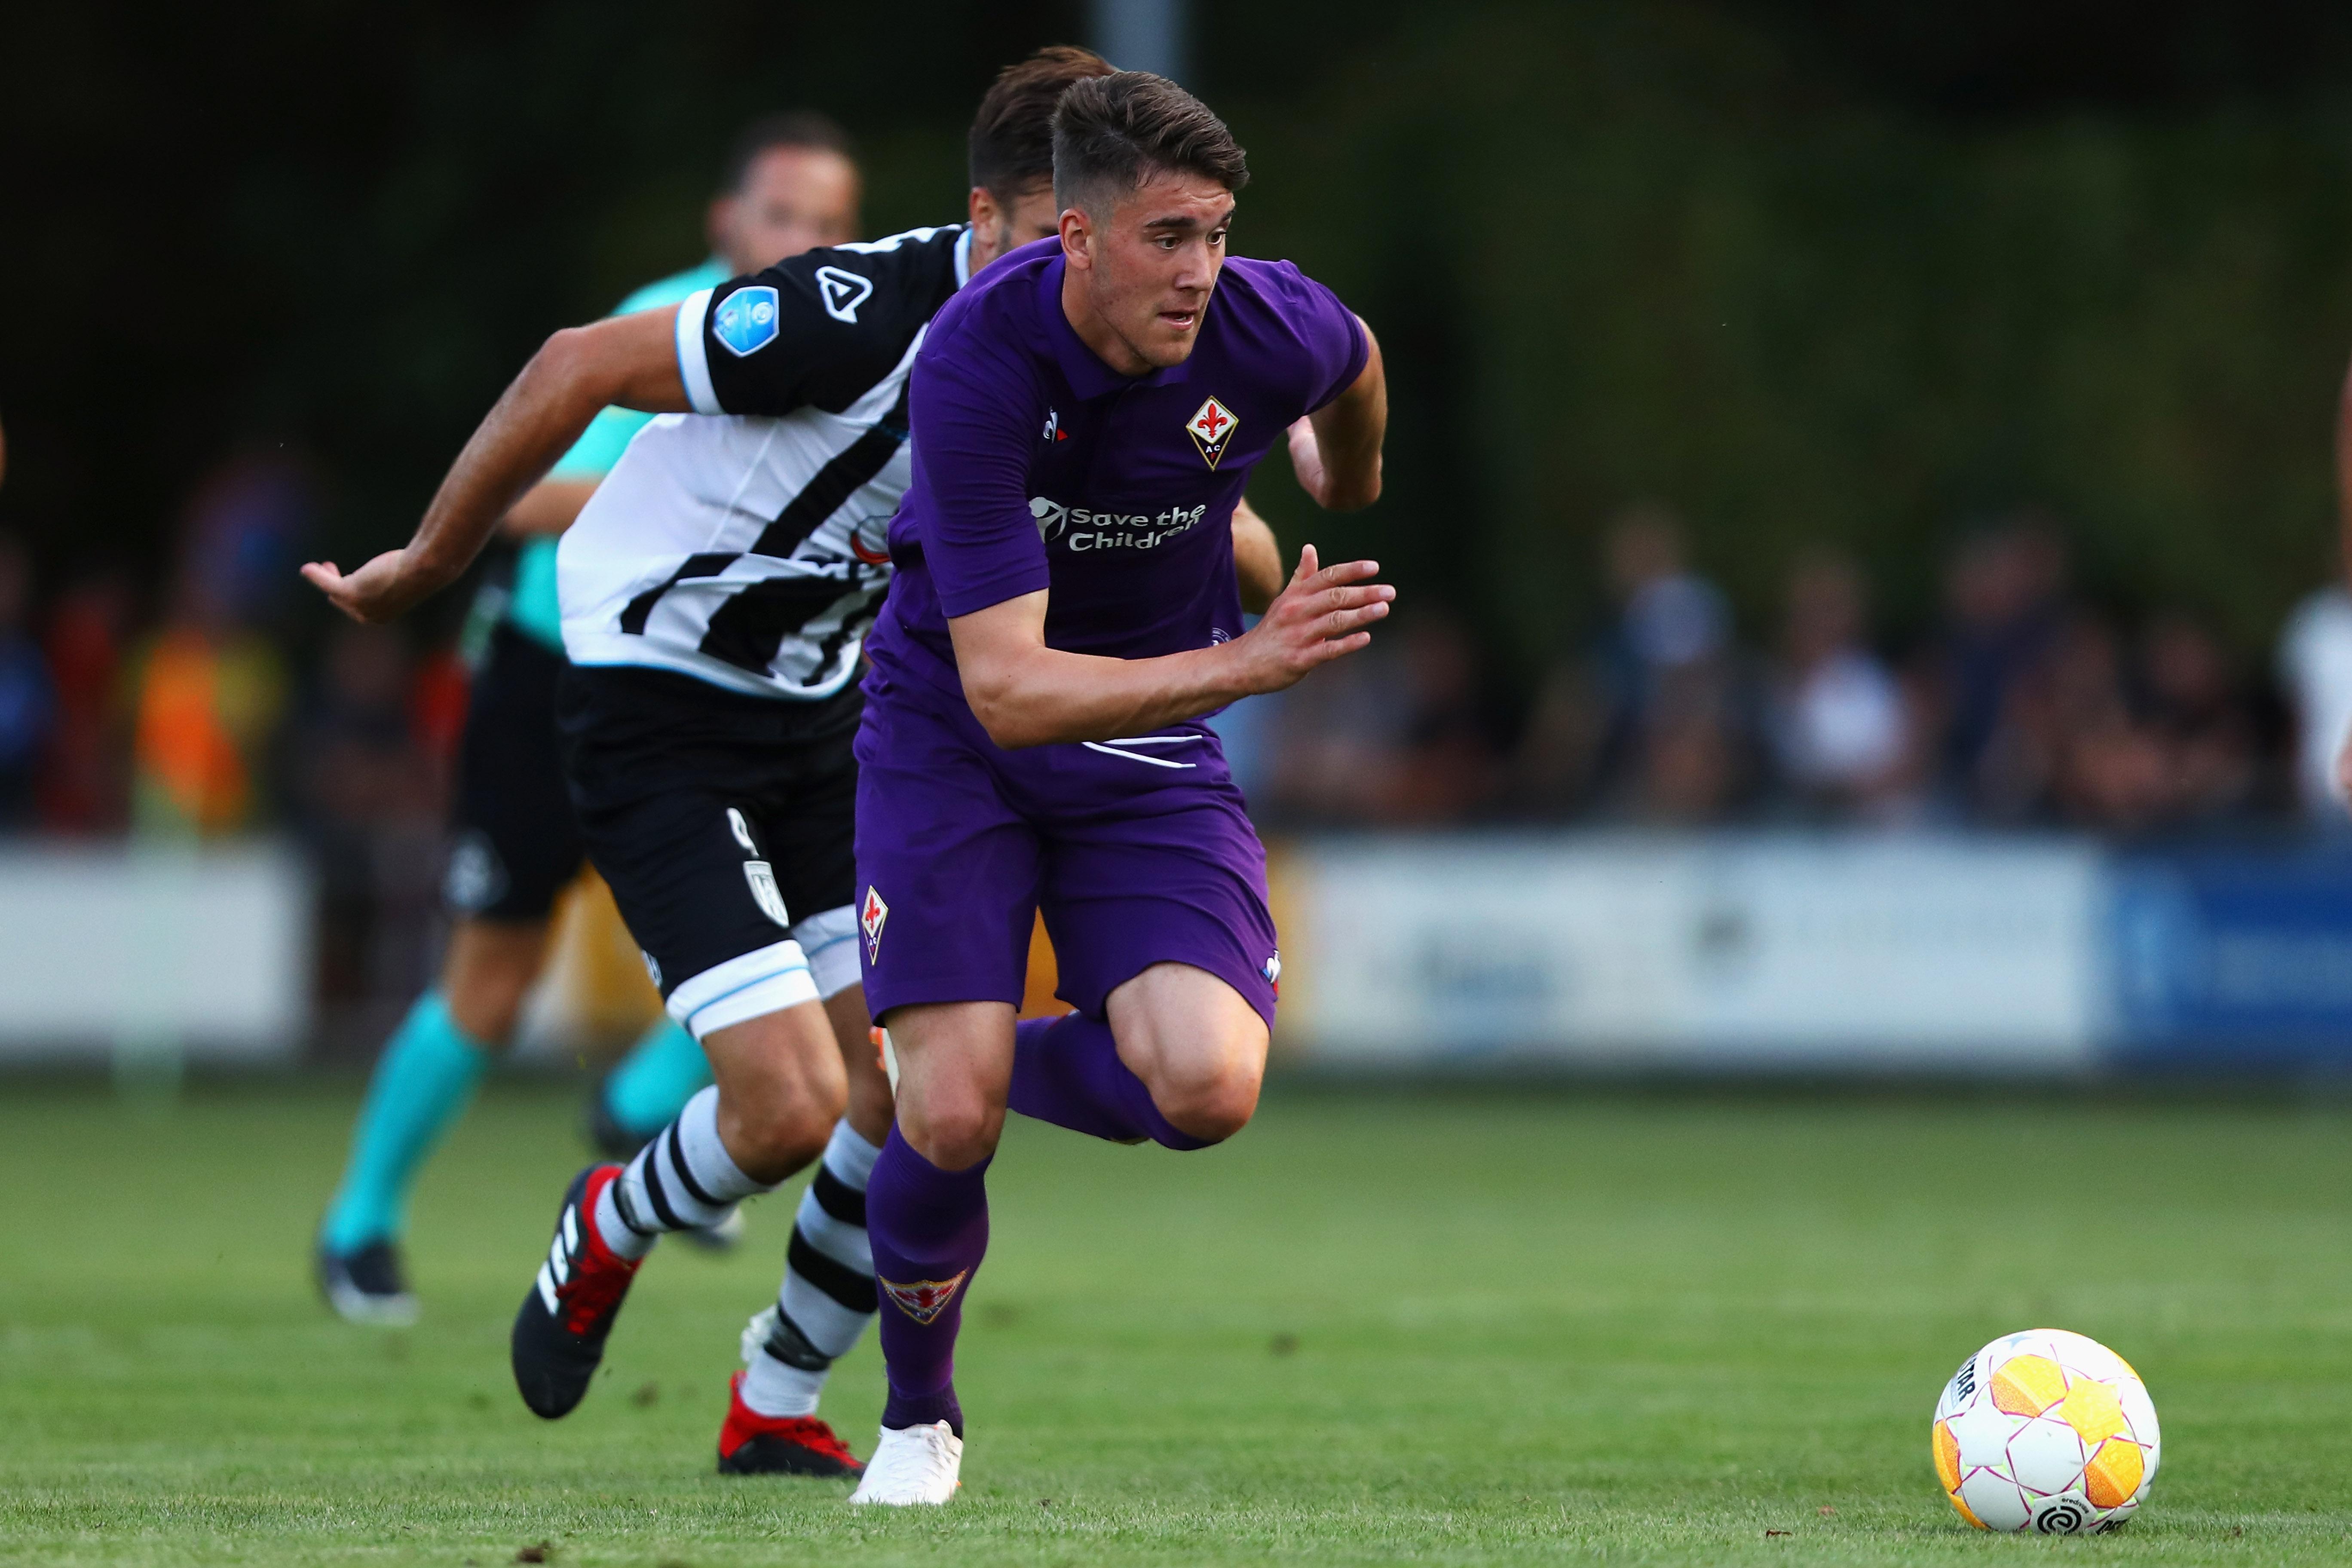 Heracles Almelo v Fiorentina - Pre Season Friendly